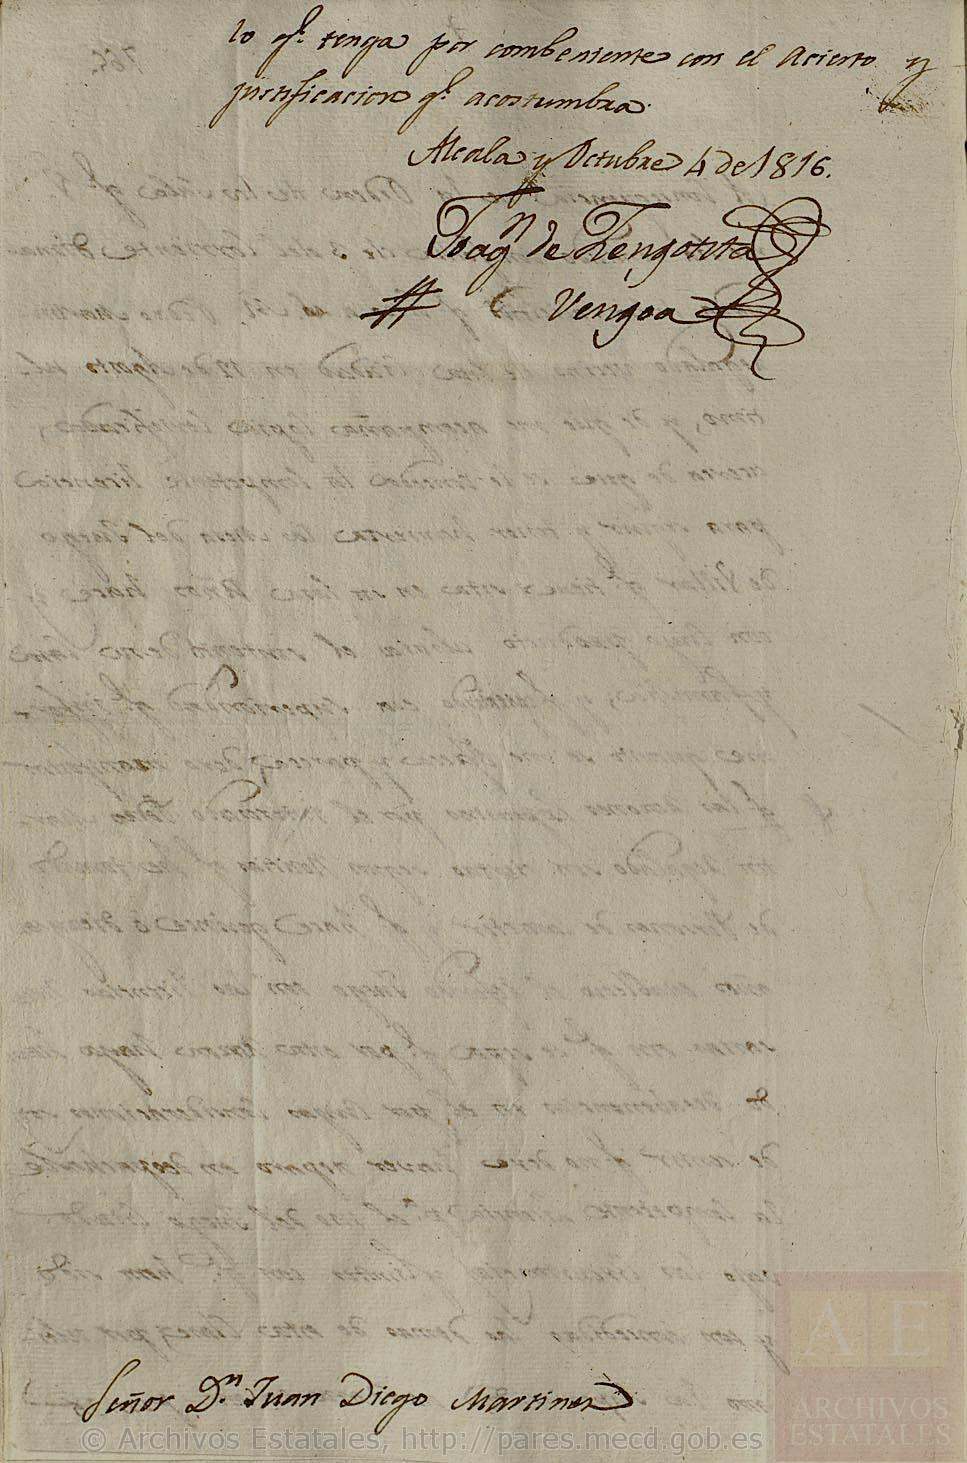 El juego del billar, Alcalá de Henares, 1816